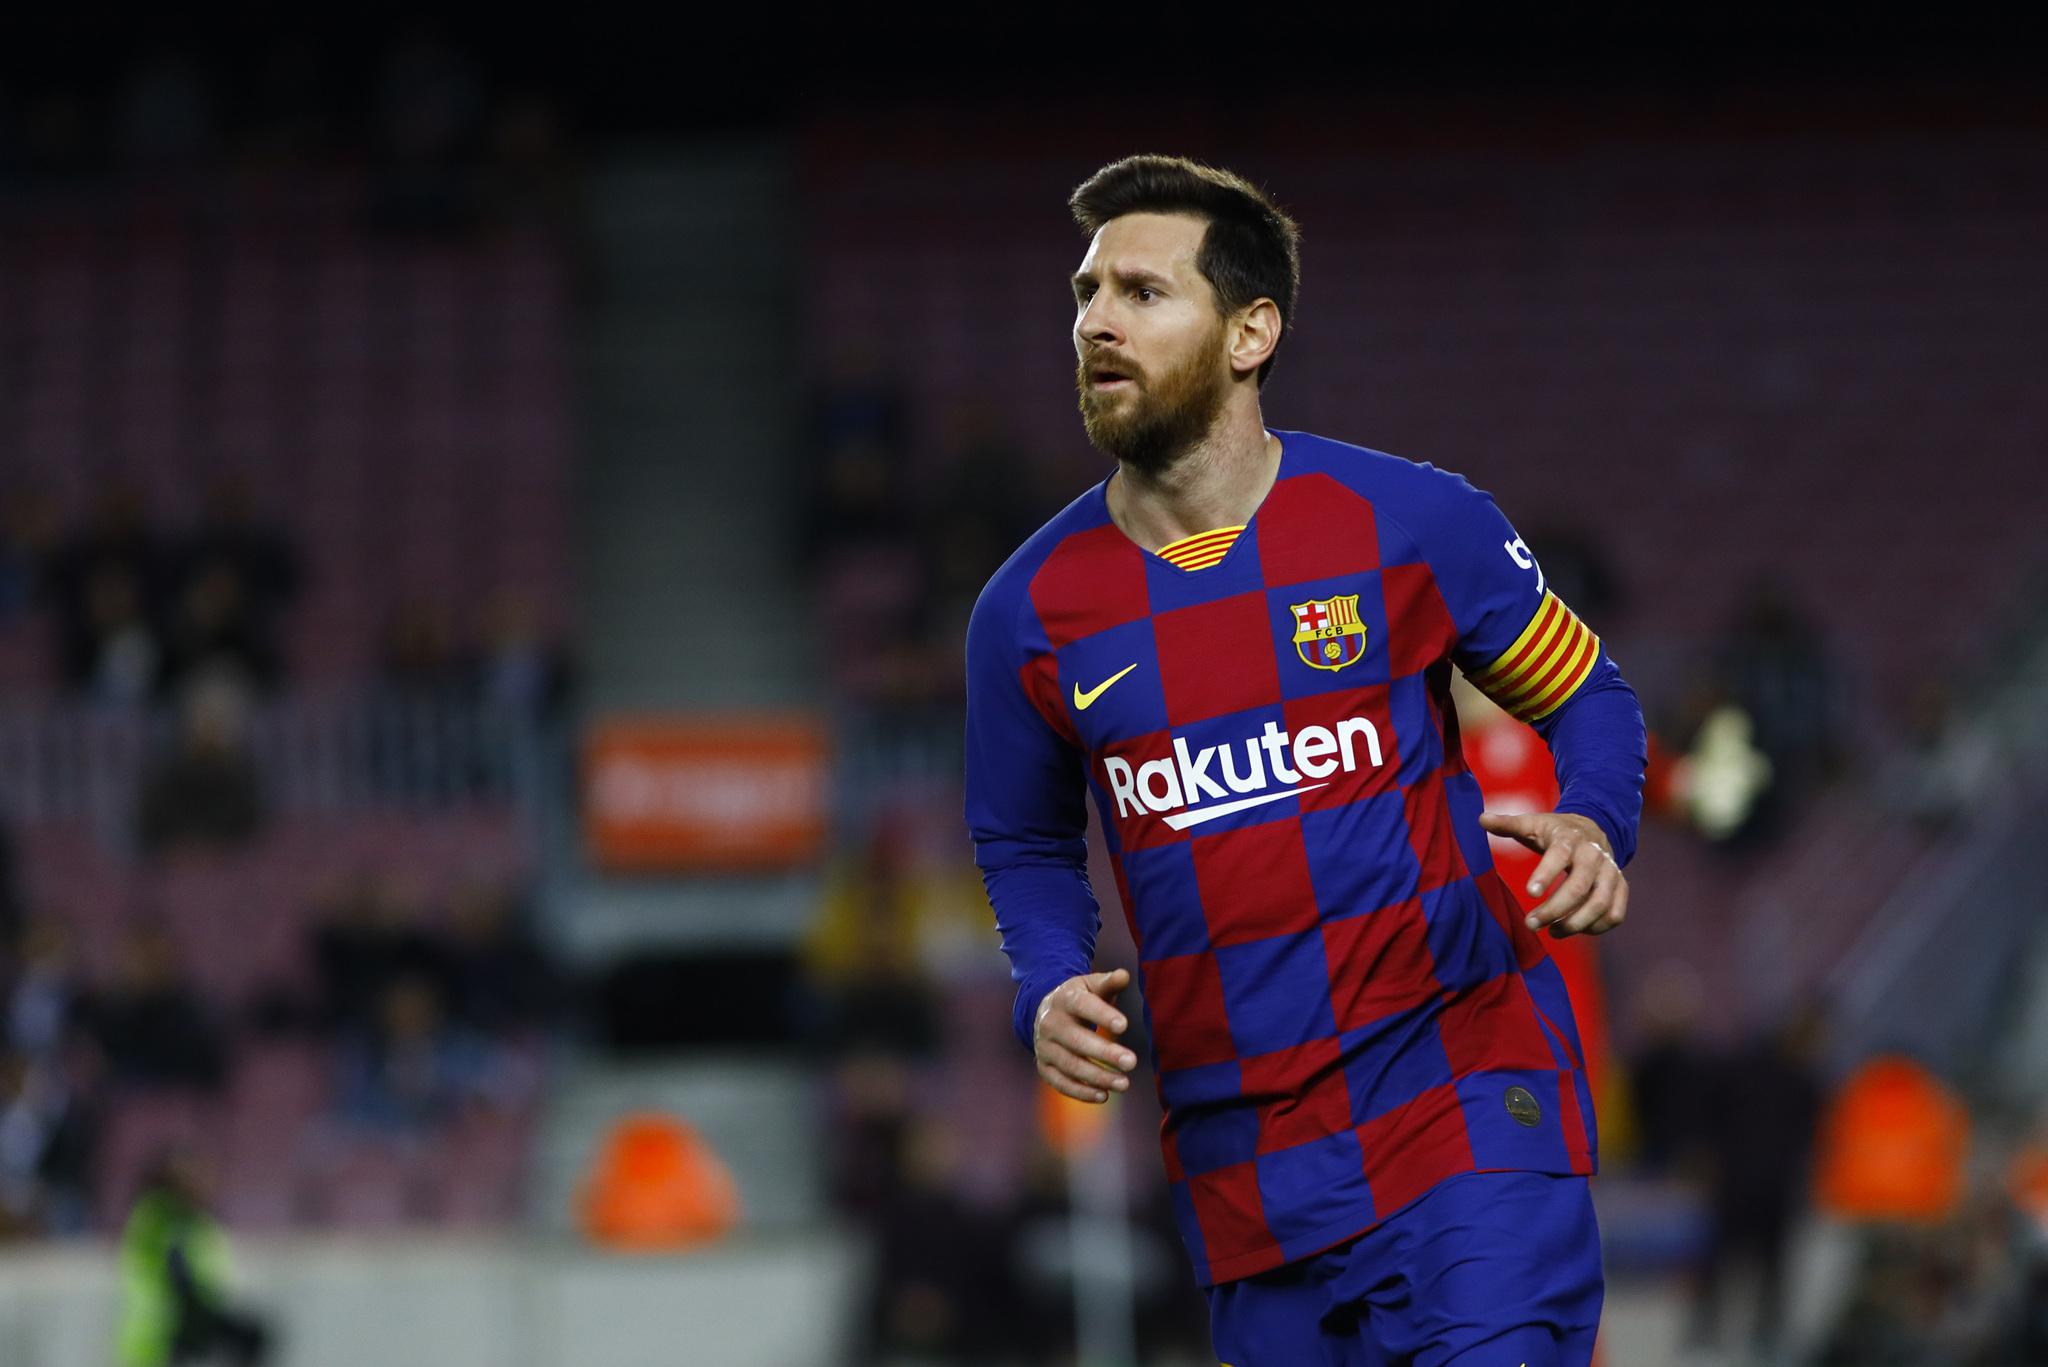 """Messi se queda en el Barcelona hasta 2021: """"Jamás iría a juicio contra el club de mi vida"""""""